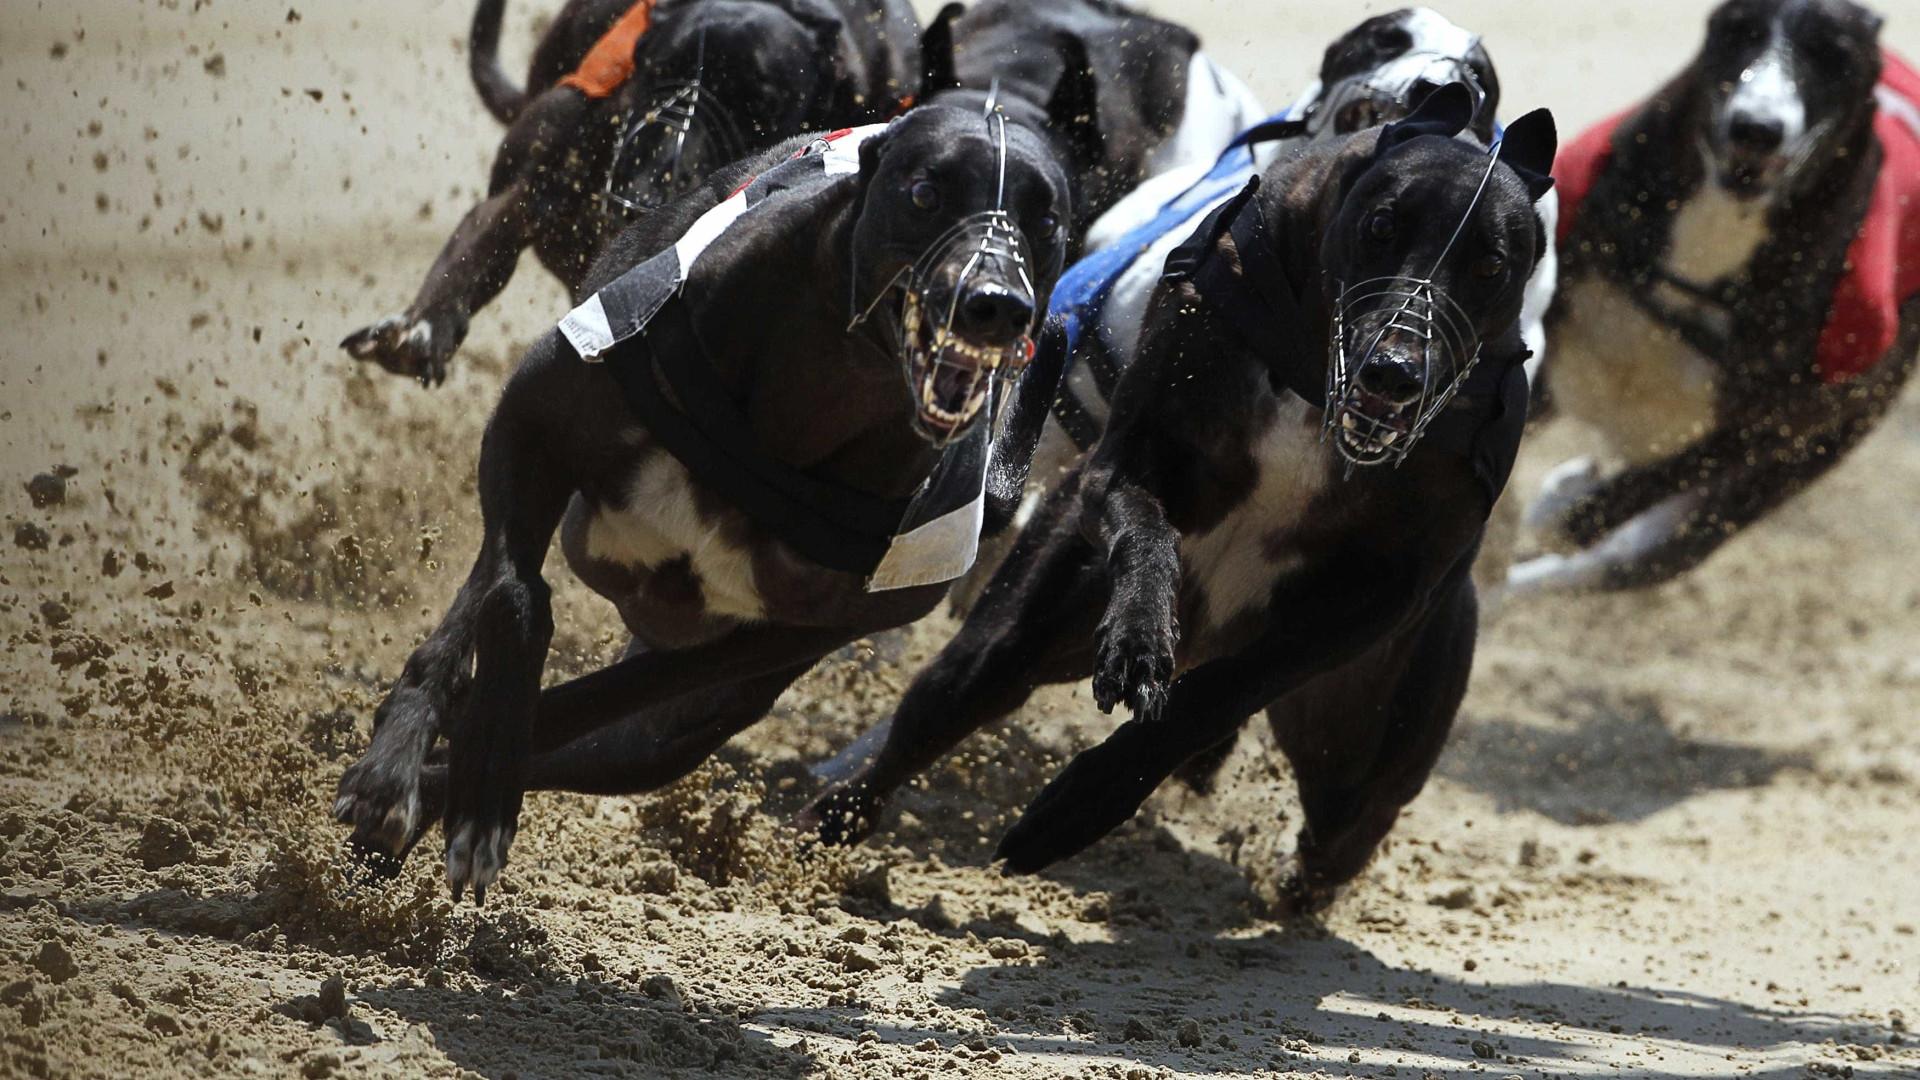 PAN denúncia maus tratos a animais em corridas de galgos